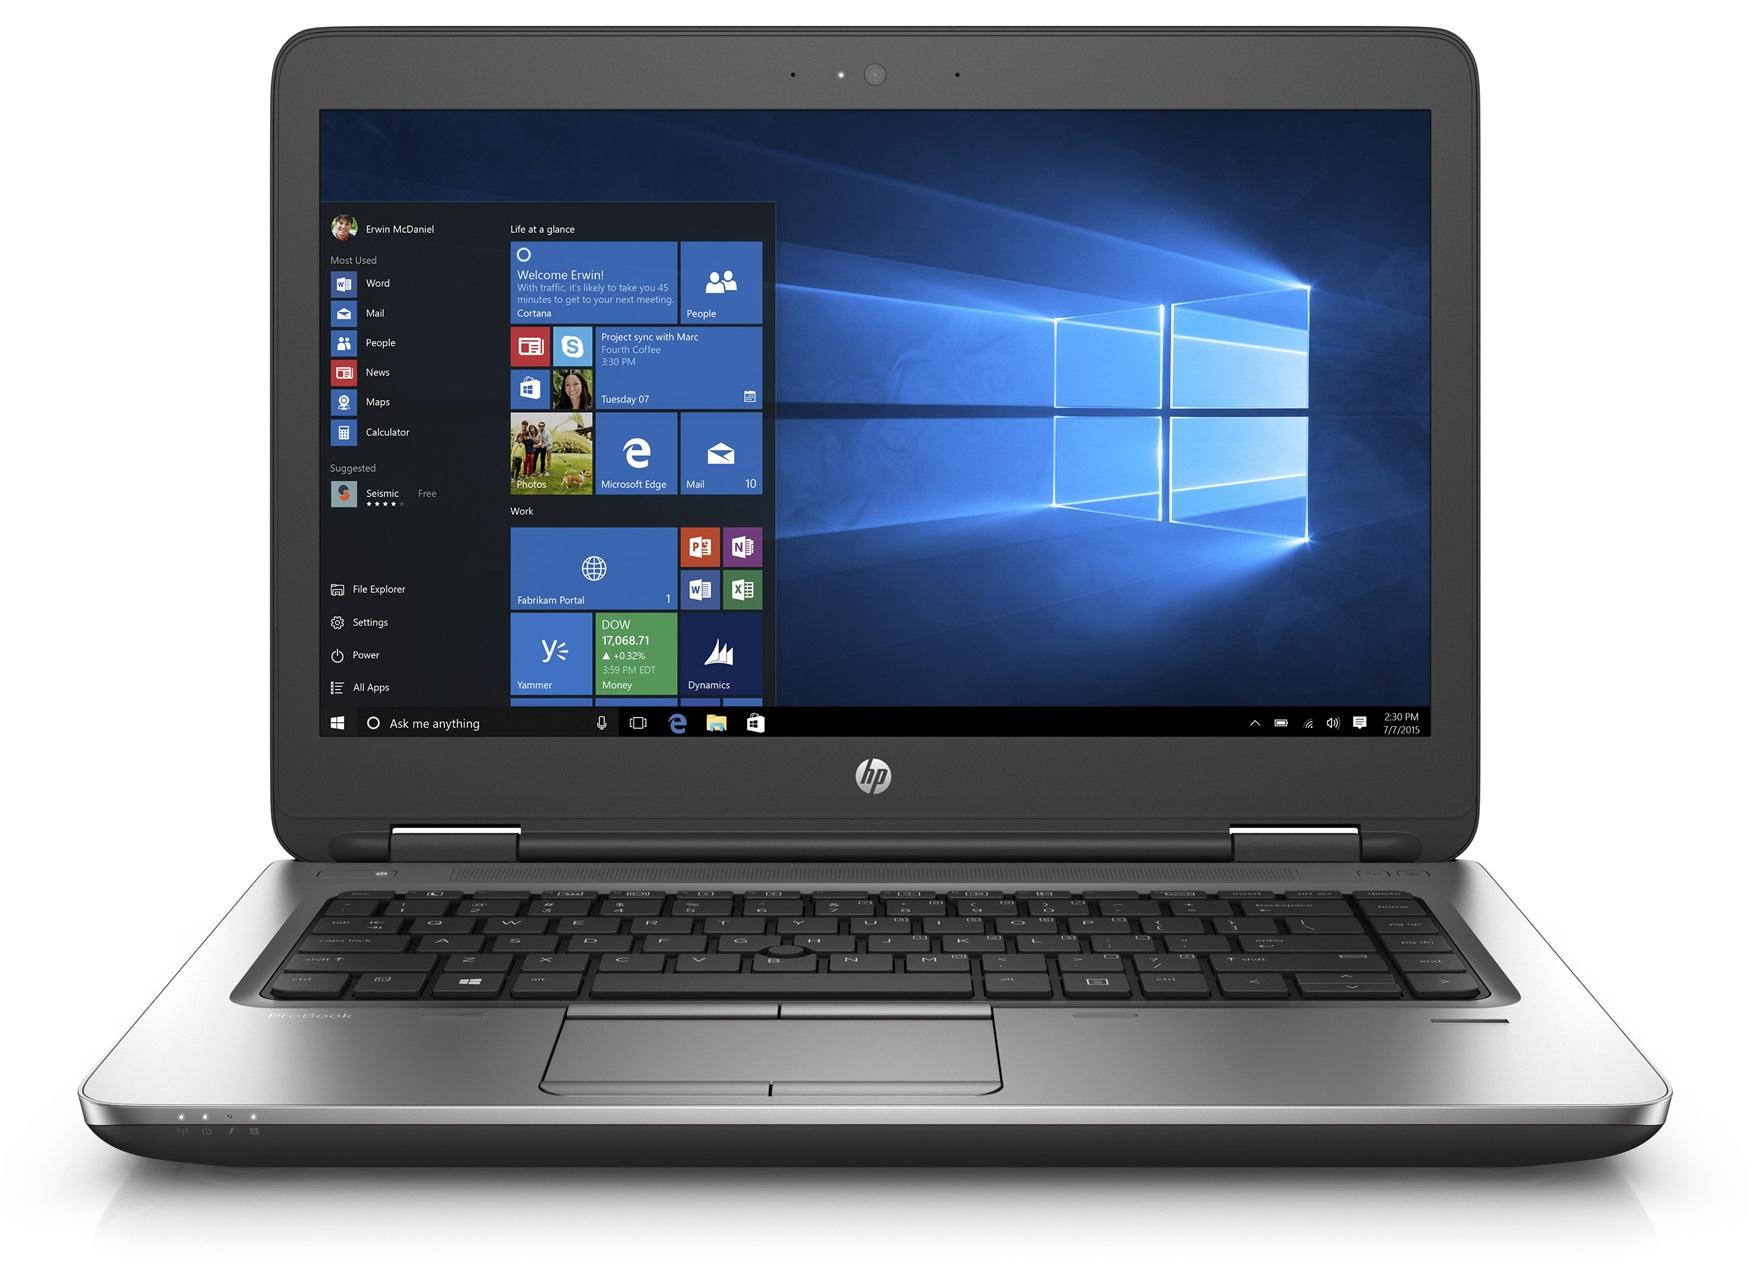 HP ProBook 645 G2 AMD A10-8700B 35,6cm 14Zoll FHD AG UMA 4GB 128GB/SSD DVDRW WLAN BT FPR W7PRO+W10PRO 64bit LIC 1J Gar. (DE)